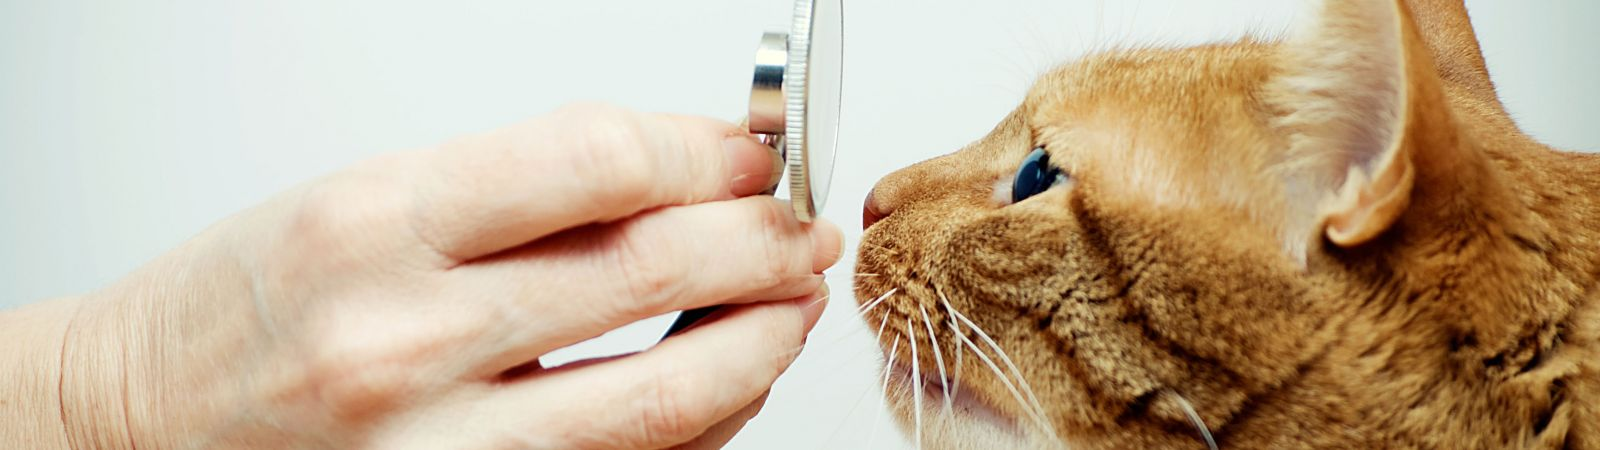 Clinique vétérinaires des abers